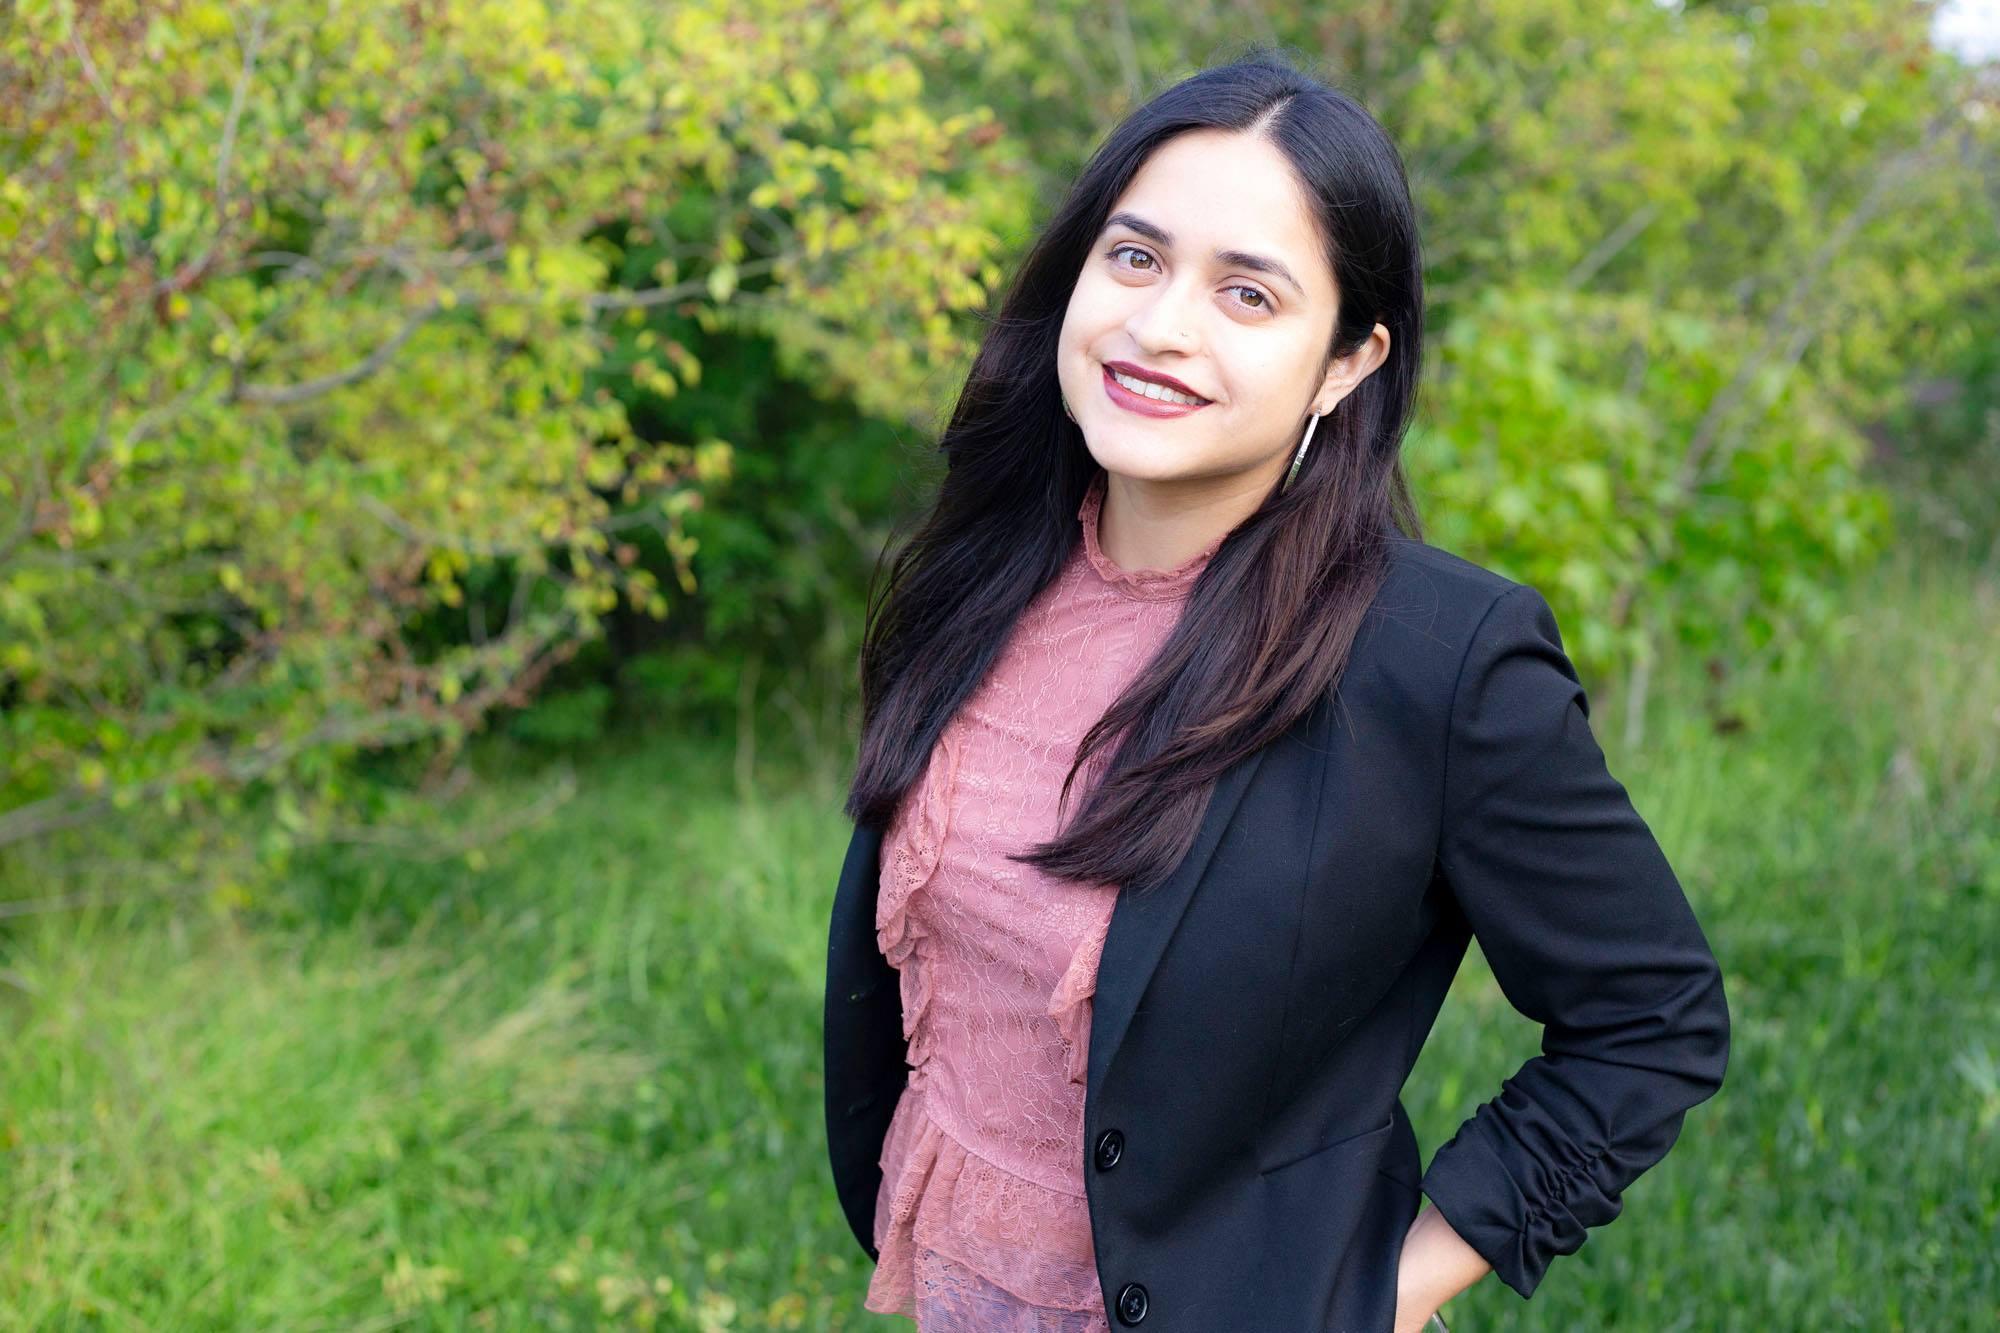 Hola! - Me llamo Janice Vargas y soy licenciada en psicología terapéutica, ofreciendo servicios de consejería para parejas, terapia matrimonial, ayuda para adolescentes y adultos. Mi oficina esta localizada en Torrance, pero también ofrezco servicios en video a través del internet.